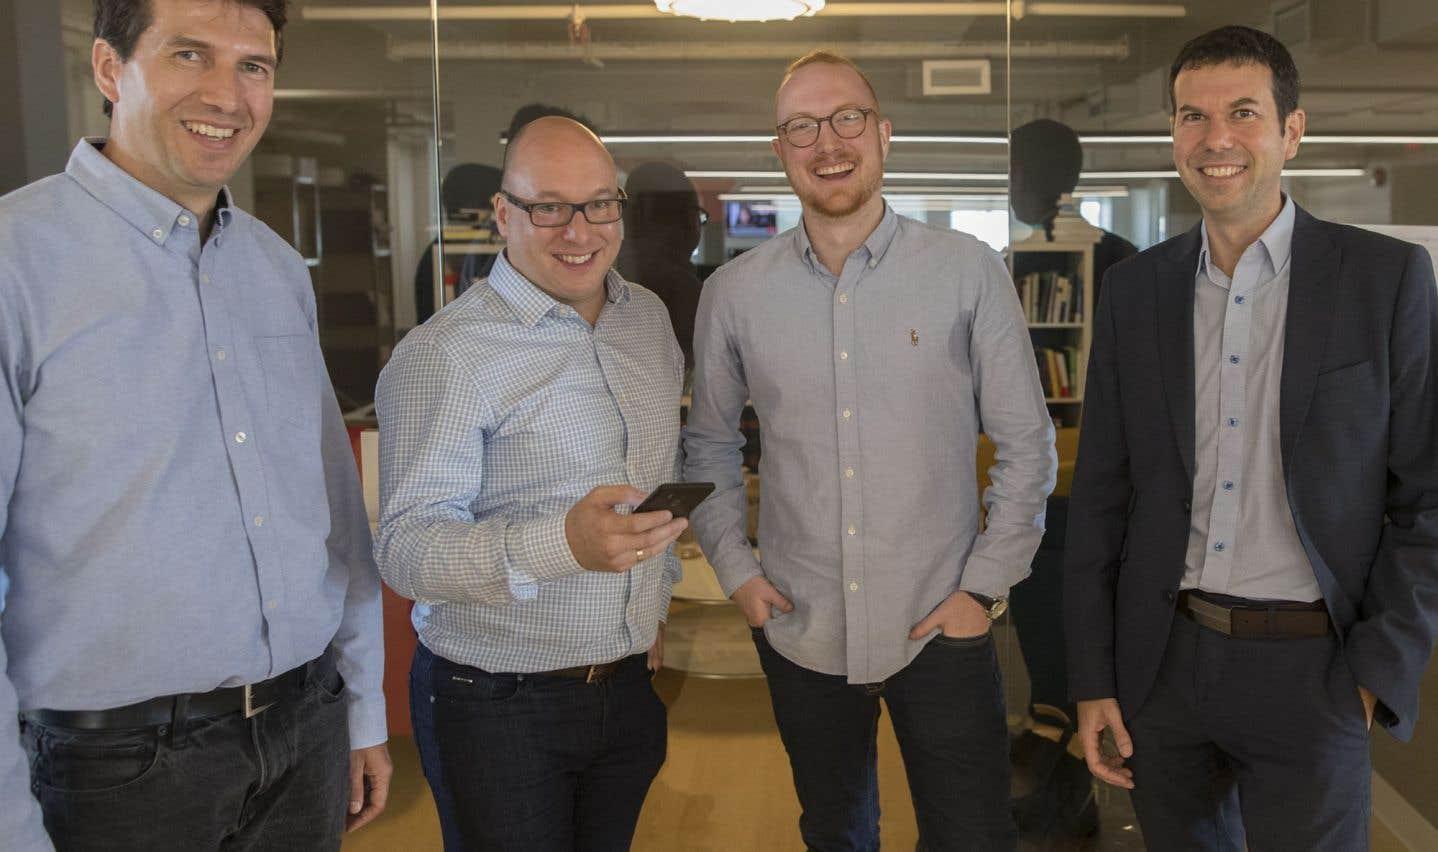 Les quatre cofondateurs de Heyday: David Bordeleau, Steve Desjarlais, Étienne Mérineau et Hugues Rousseau